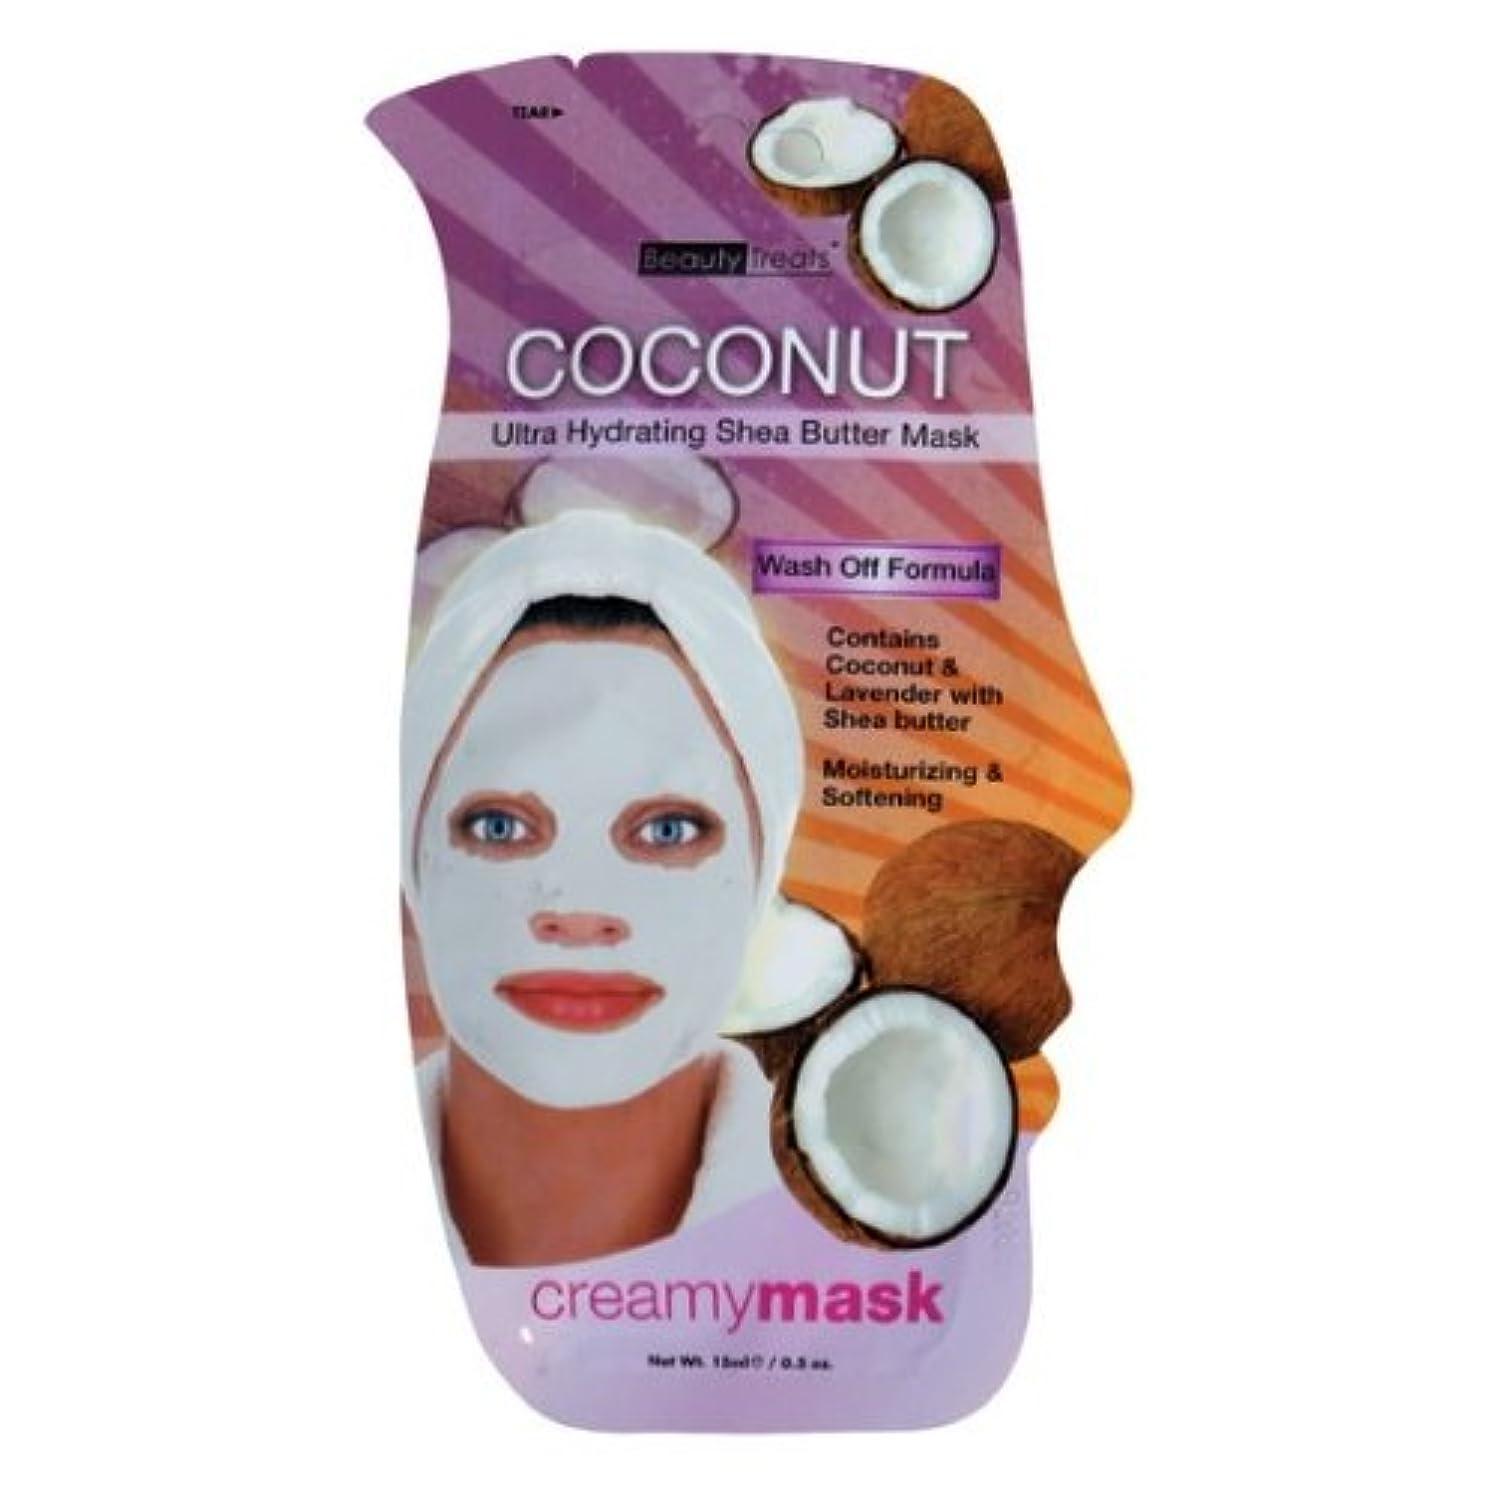 雑多な将来のやむを得ないBEAUTY TREATS Coconut Ultra Hydrating Shea Butter Mask - Coconut (並行輸入品)